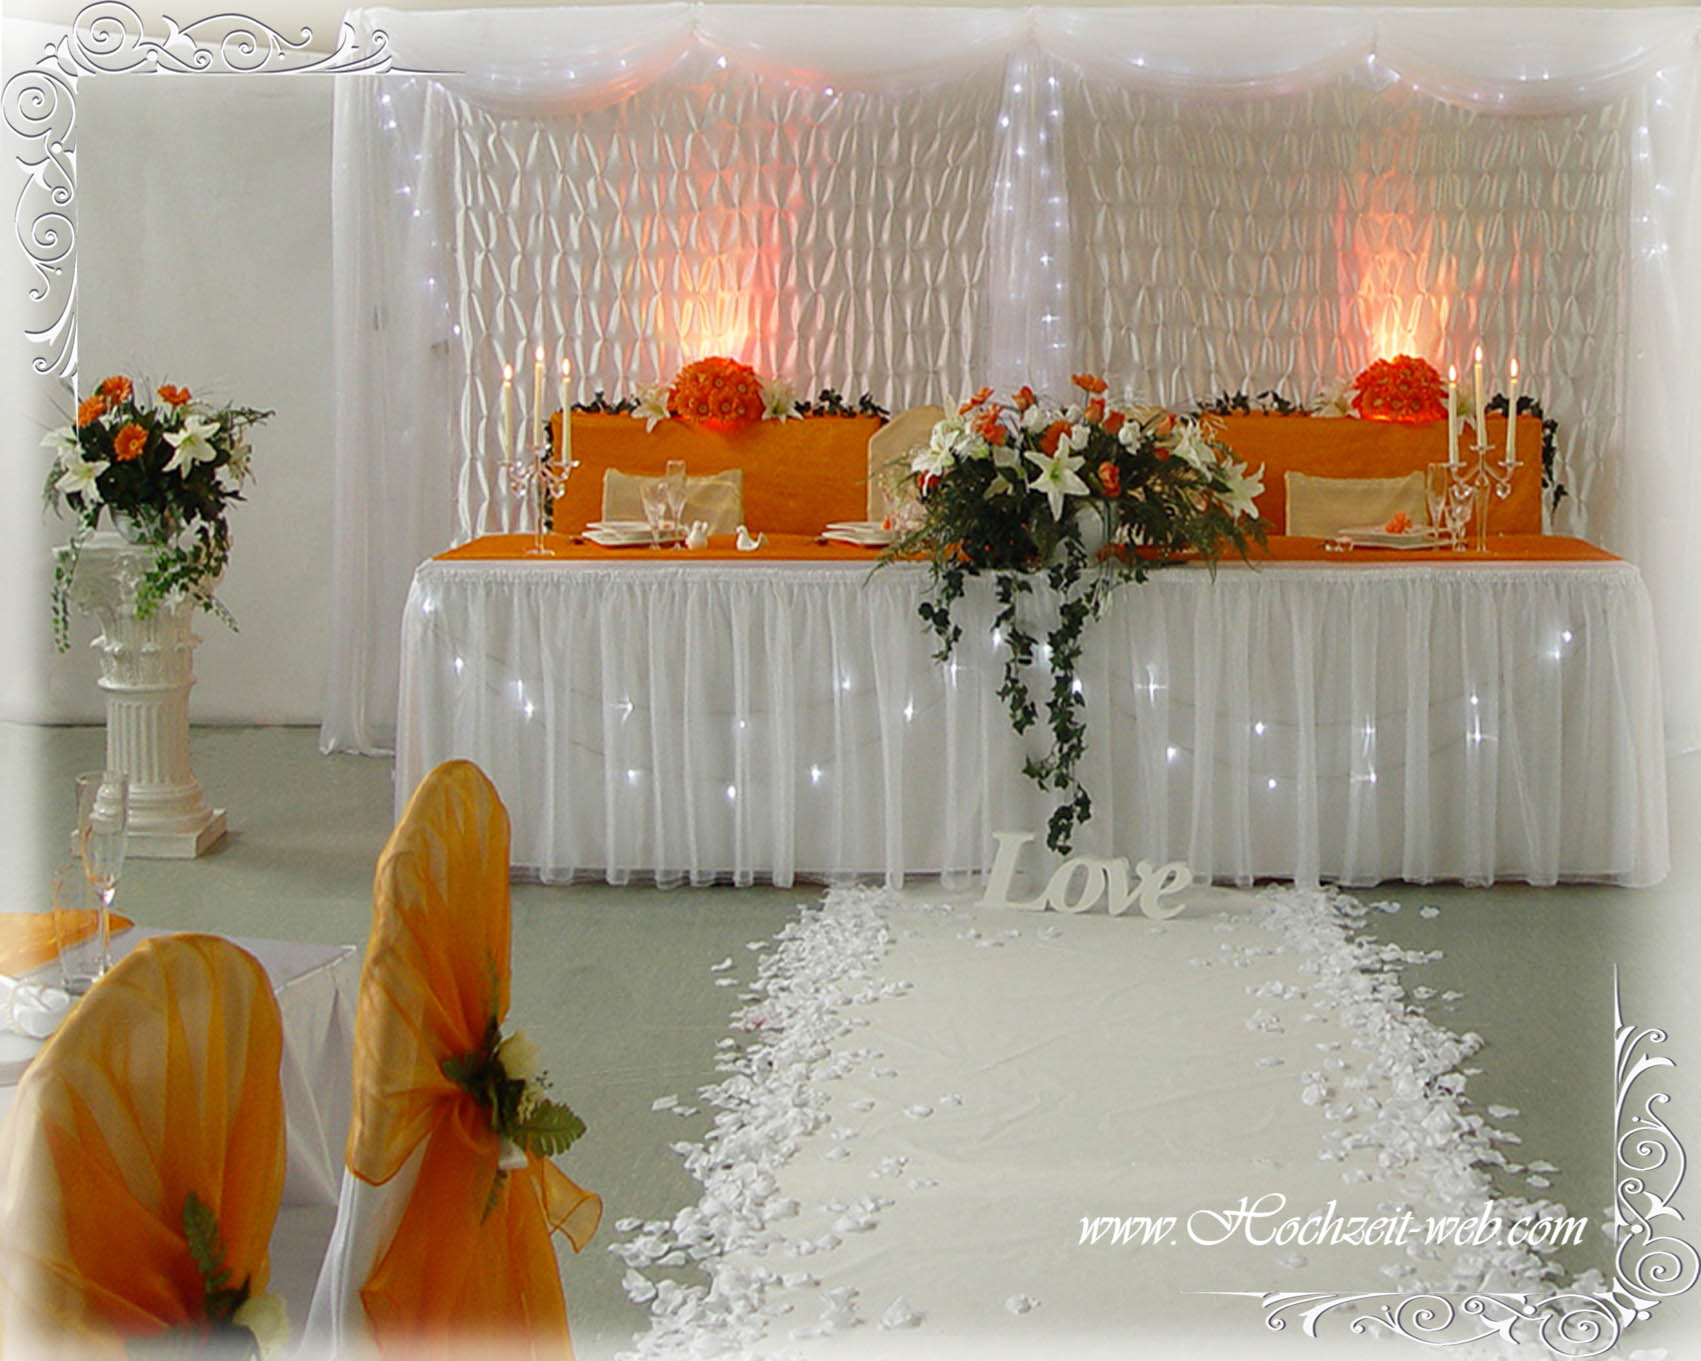 Extravagante Hochzeitsdekoration In Orange Farbe